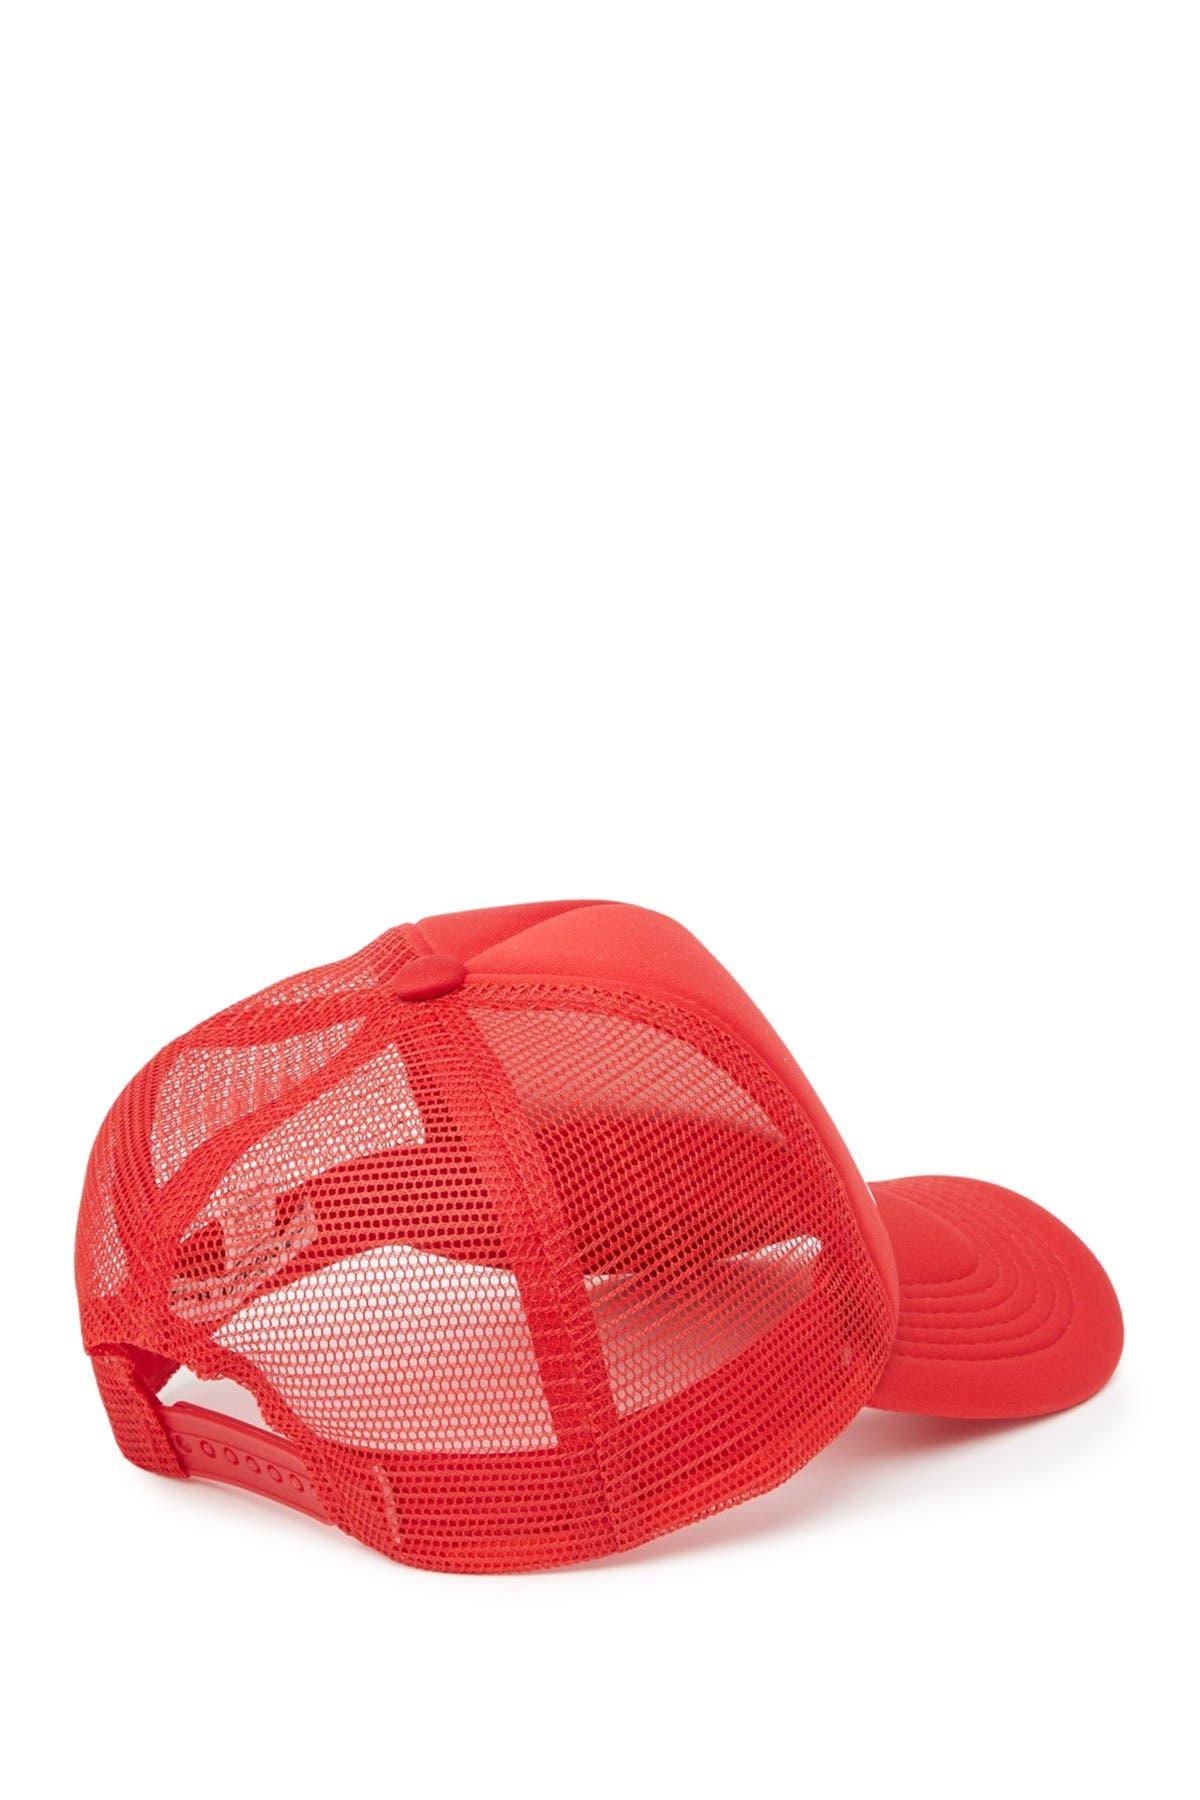 Sub_Urban Riot Good Sport Snapback Trucker Hat